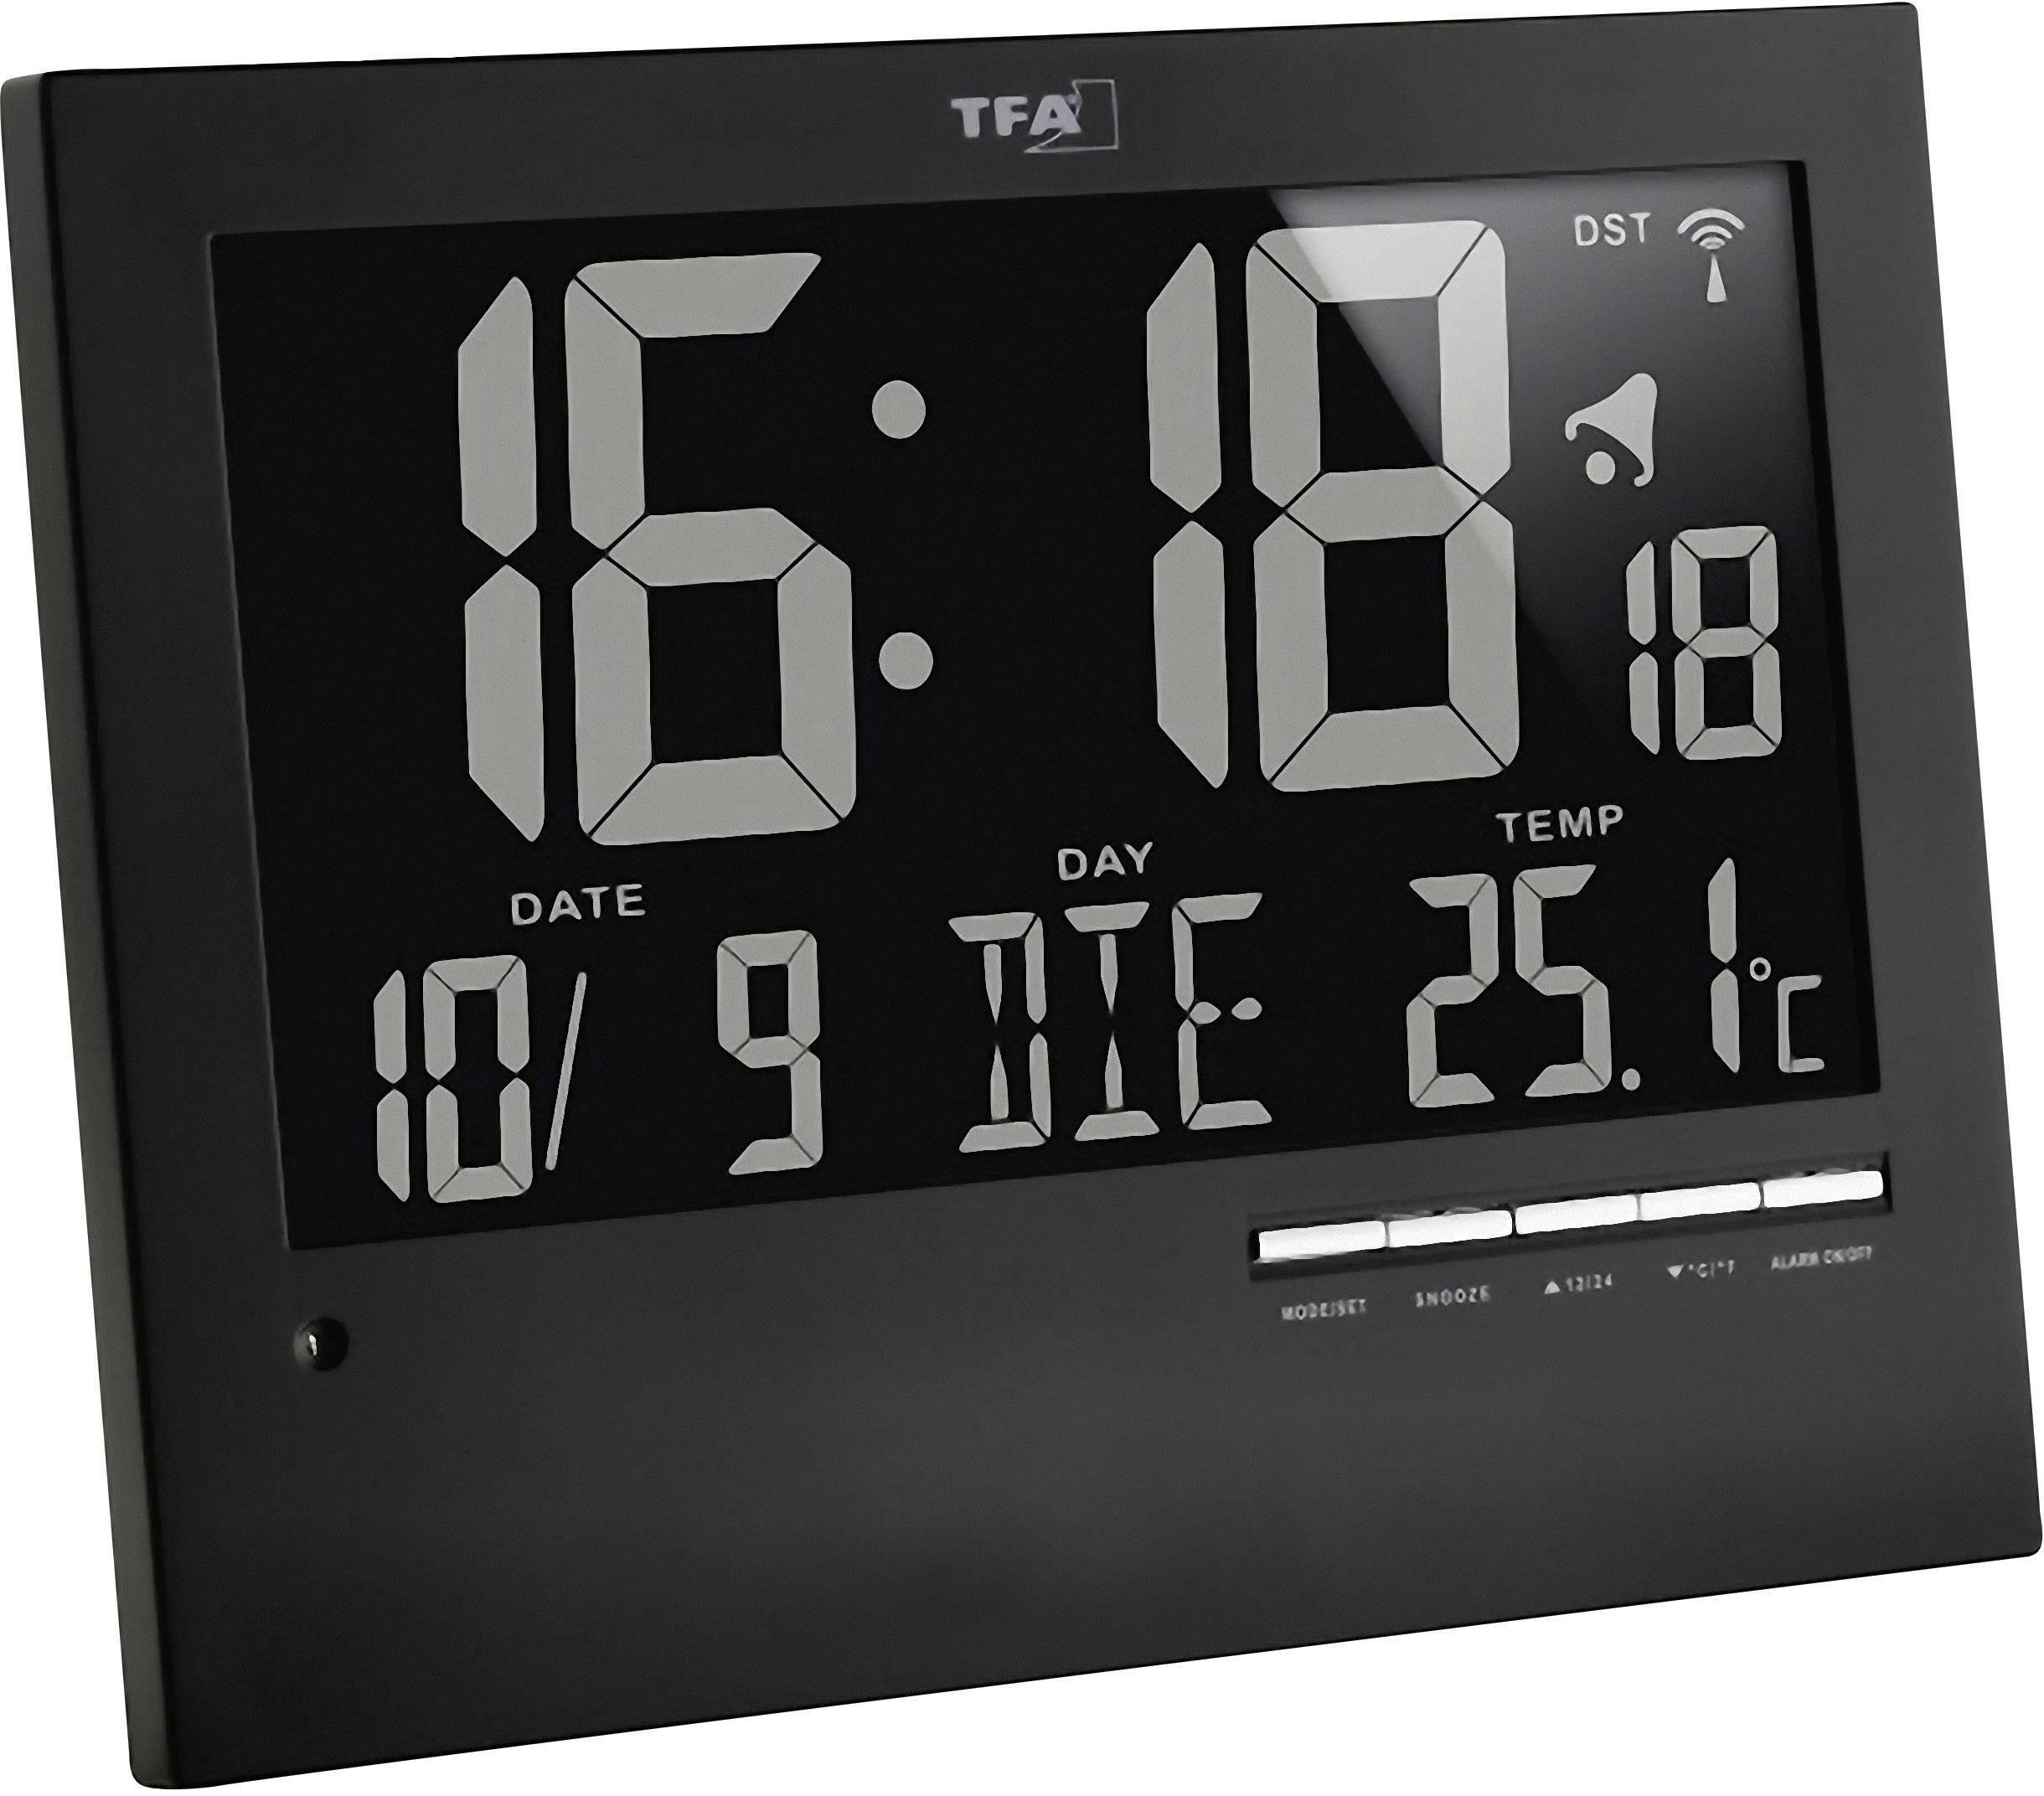 DCF nástenné hodiny TFA 60.4508 60.4508, čierna